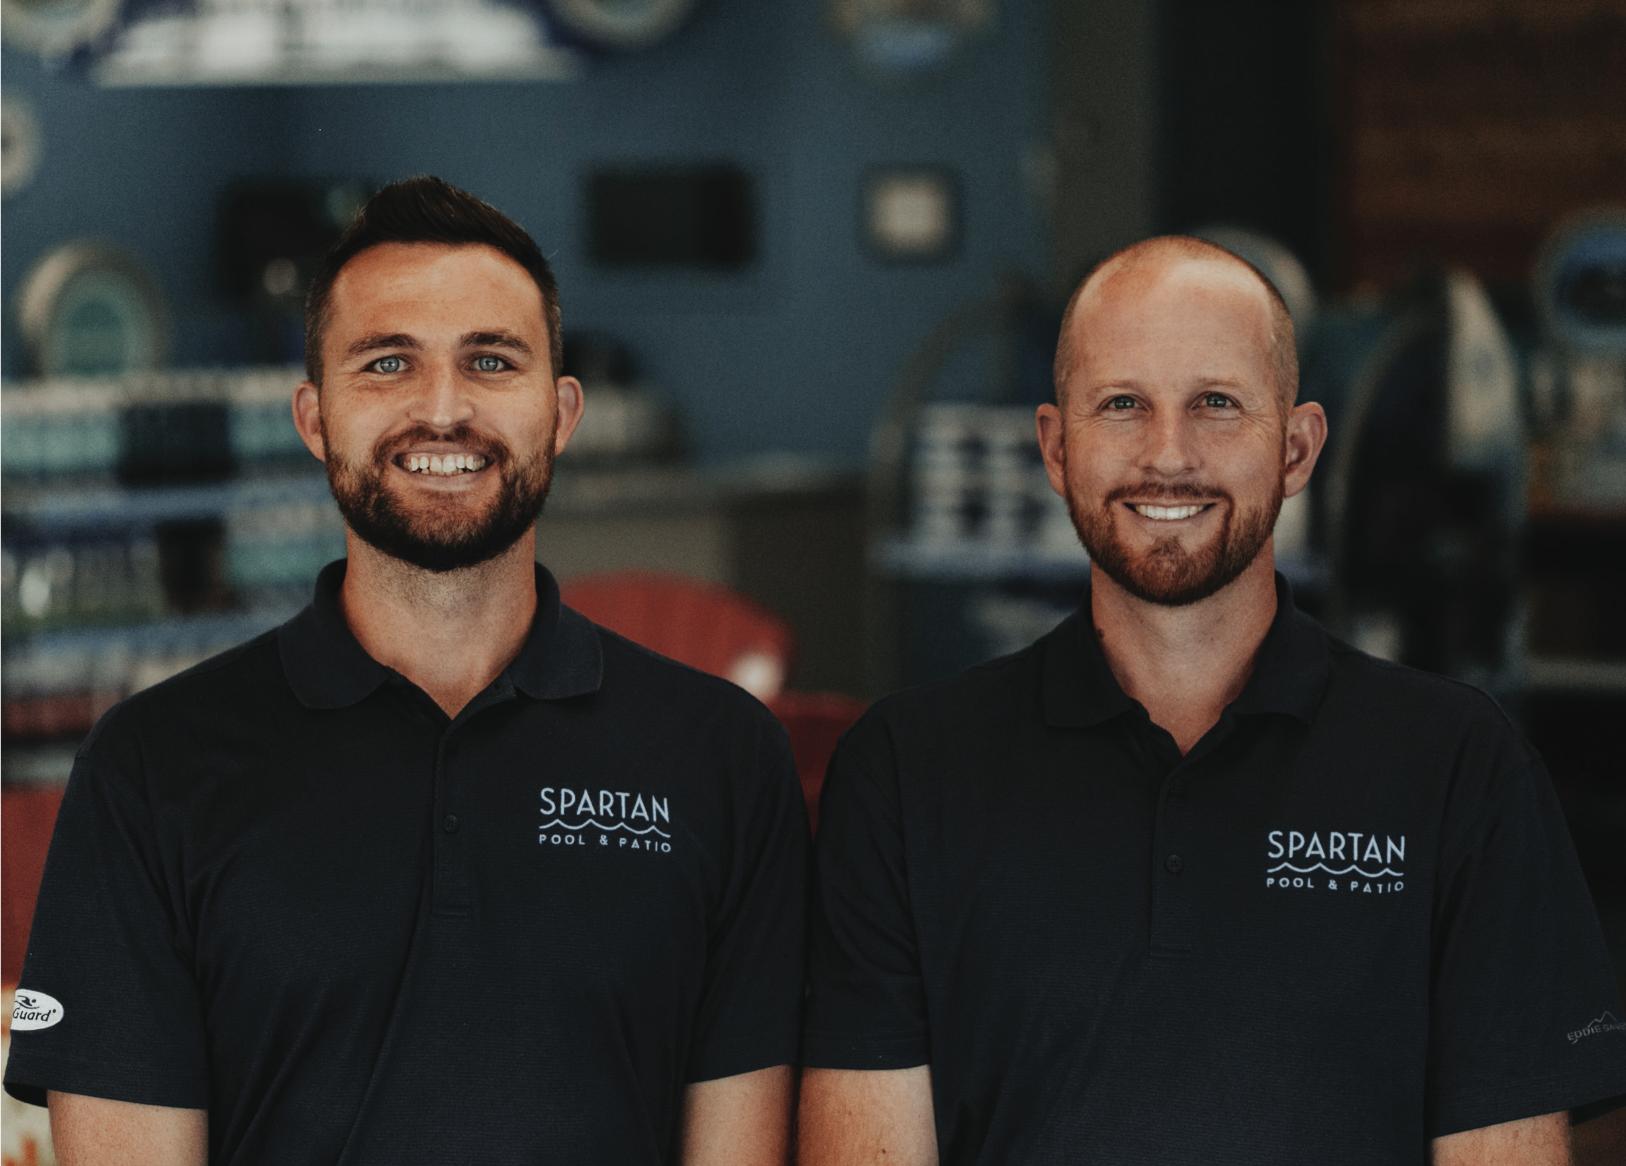 Owners Sam Stroud and Jordan Demeter